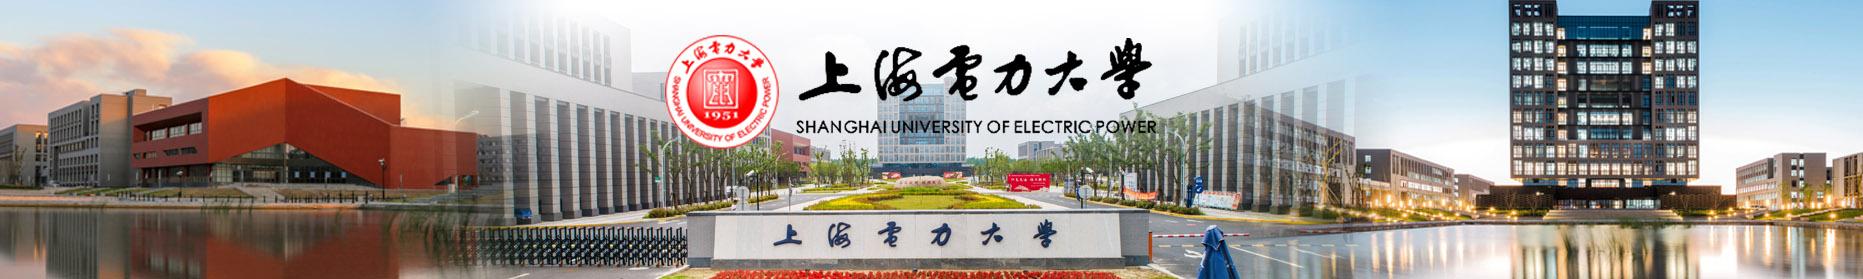 上海电力大学.jpg